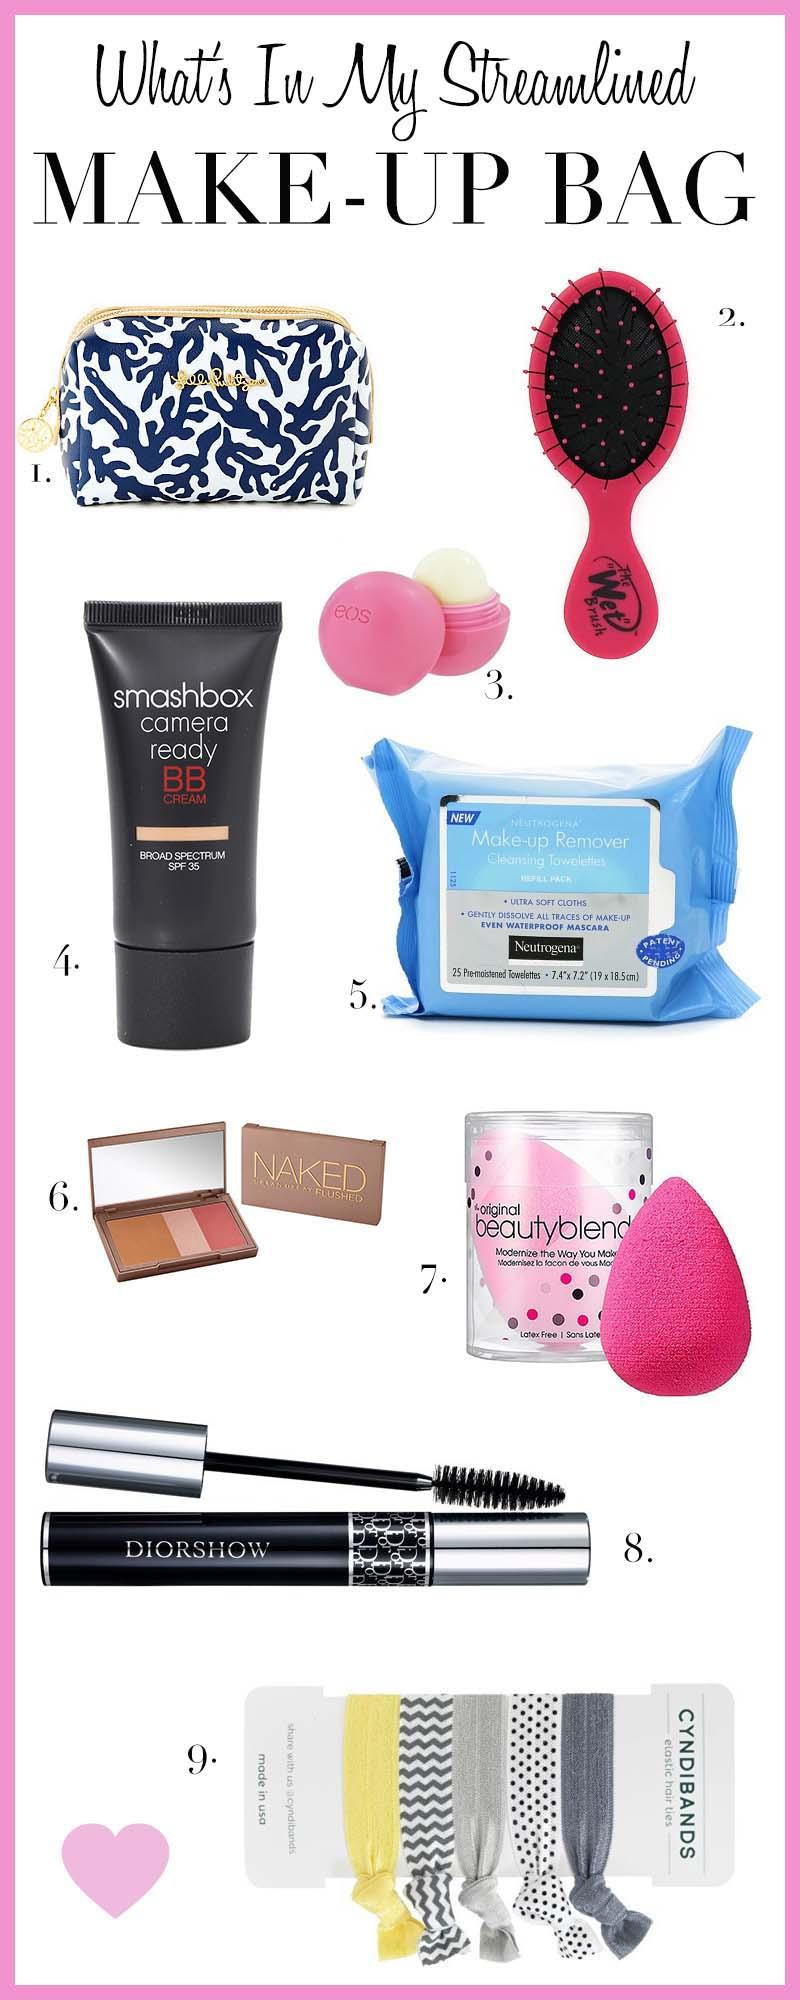 Streamlined Make-Up Bag